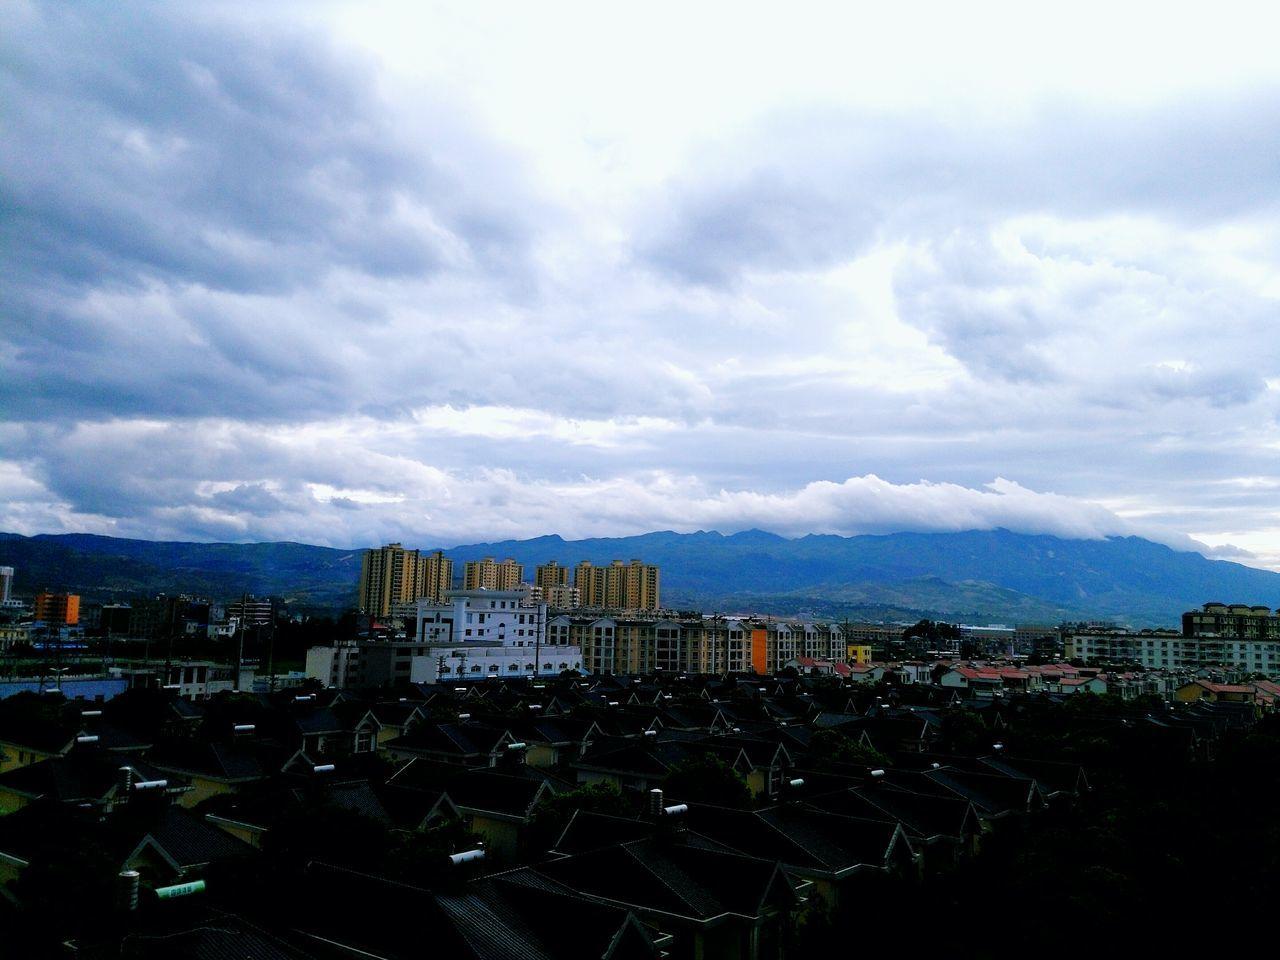 最喜欢在彩云之南看云,眨眼都觉得错过好多风景